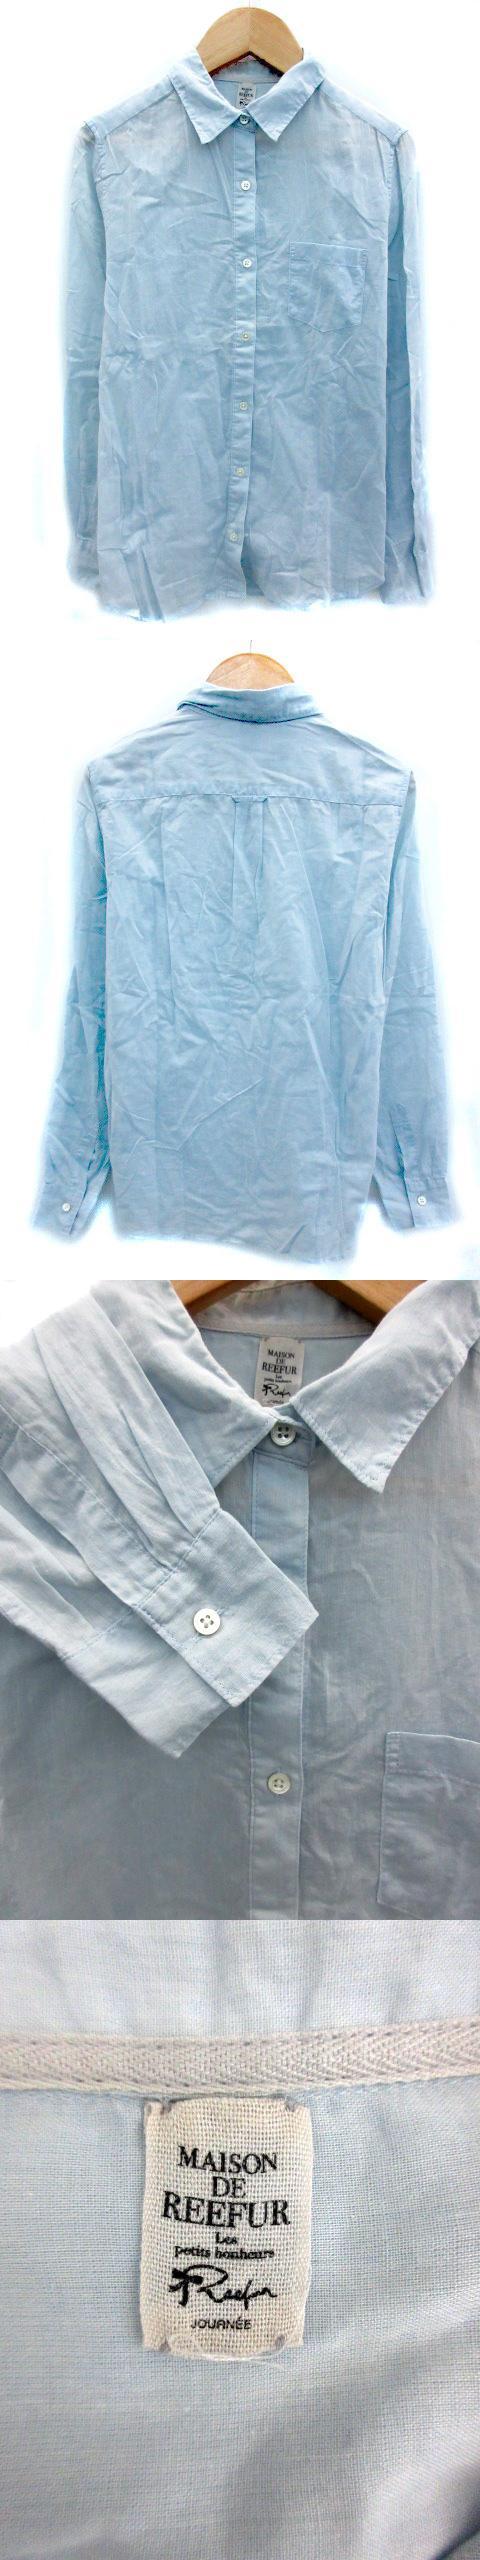 シャツ ブラウス 長袖 無地 薄手 38 水色 ライトブルー /MY22